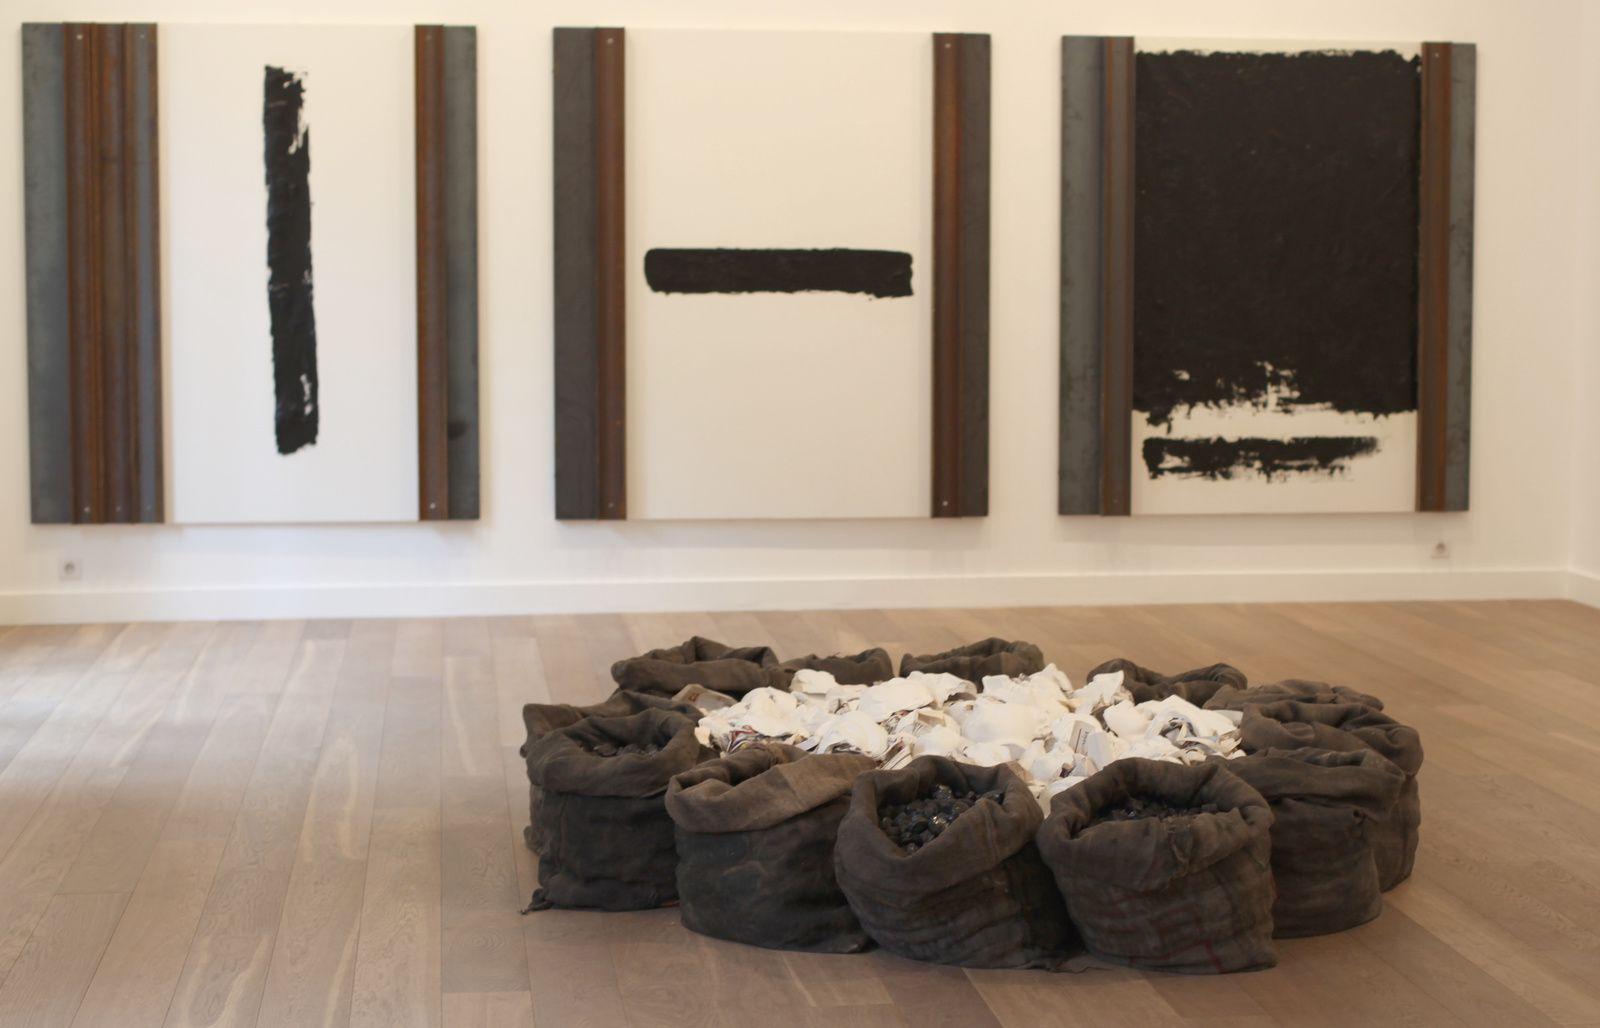 """1er Plan """"Sans titre"""", 2012 de Jannis KOURNELLIS et en arrière plan """"Sans titre"""", 2014 de Jannis KOURNELLIS - Courtesy Galerie Lelong © Photo Éric Simon"""